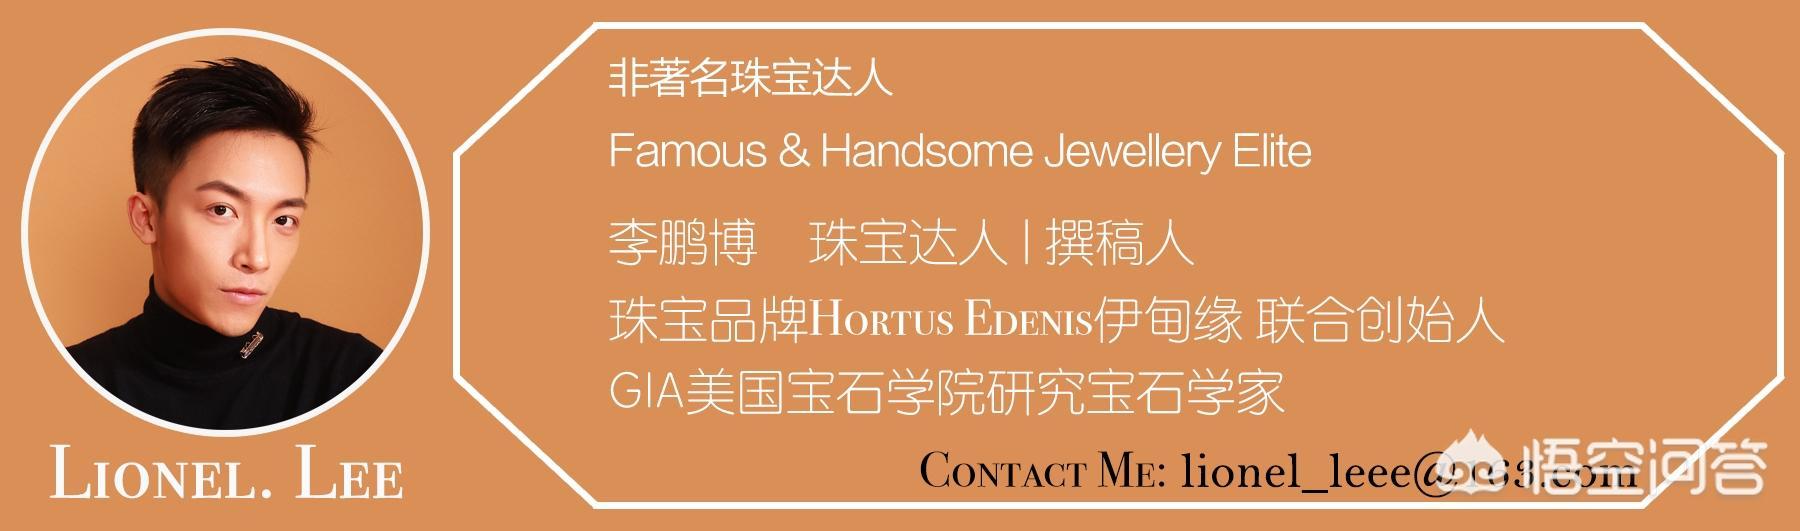 在冬季,珠宝应该如何保养?插图6